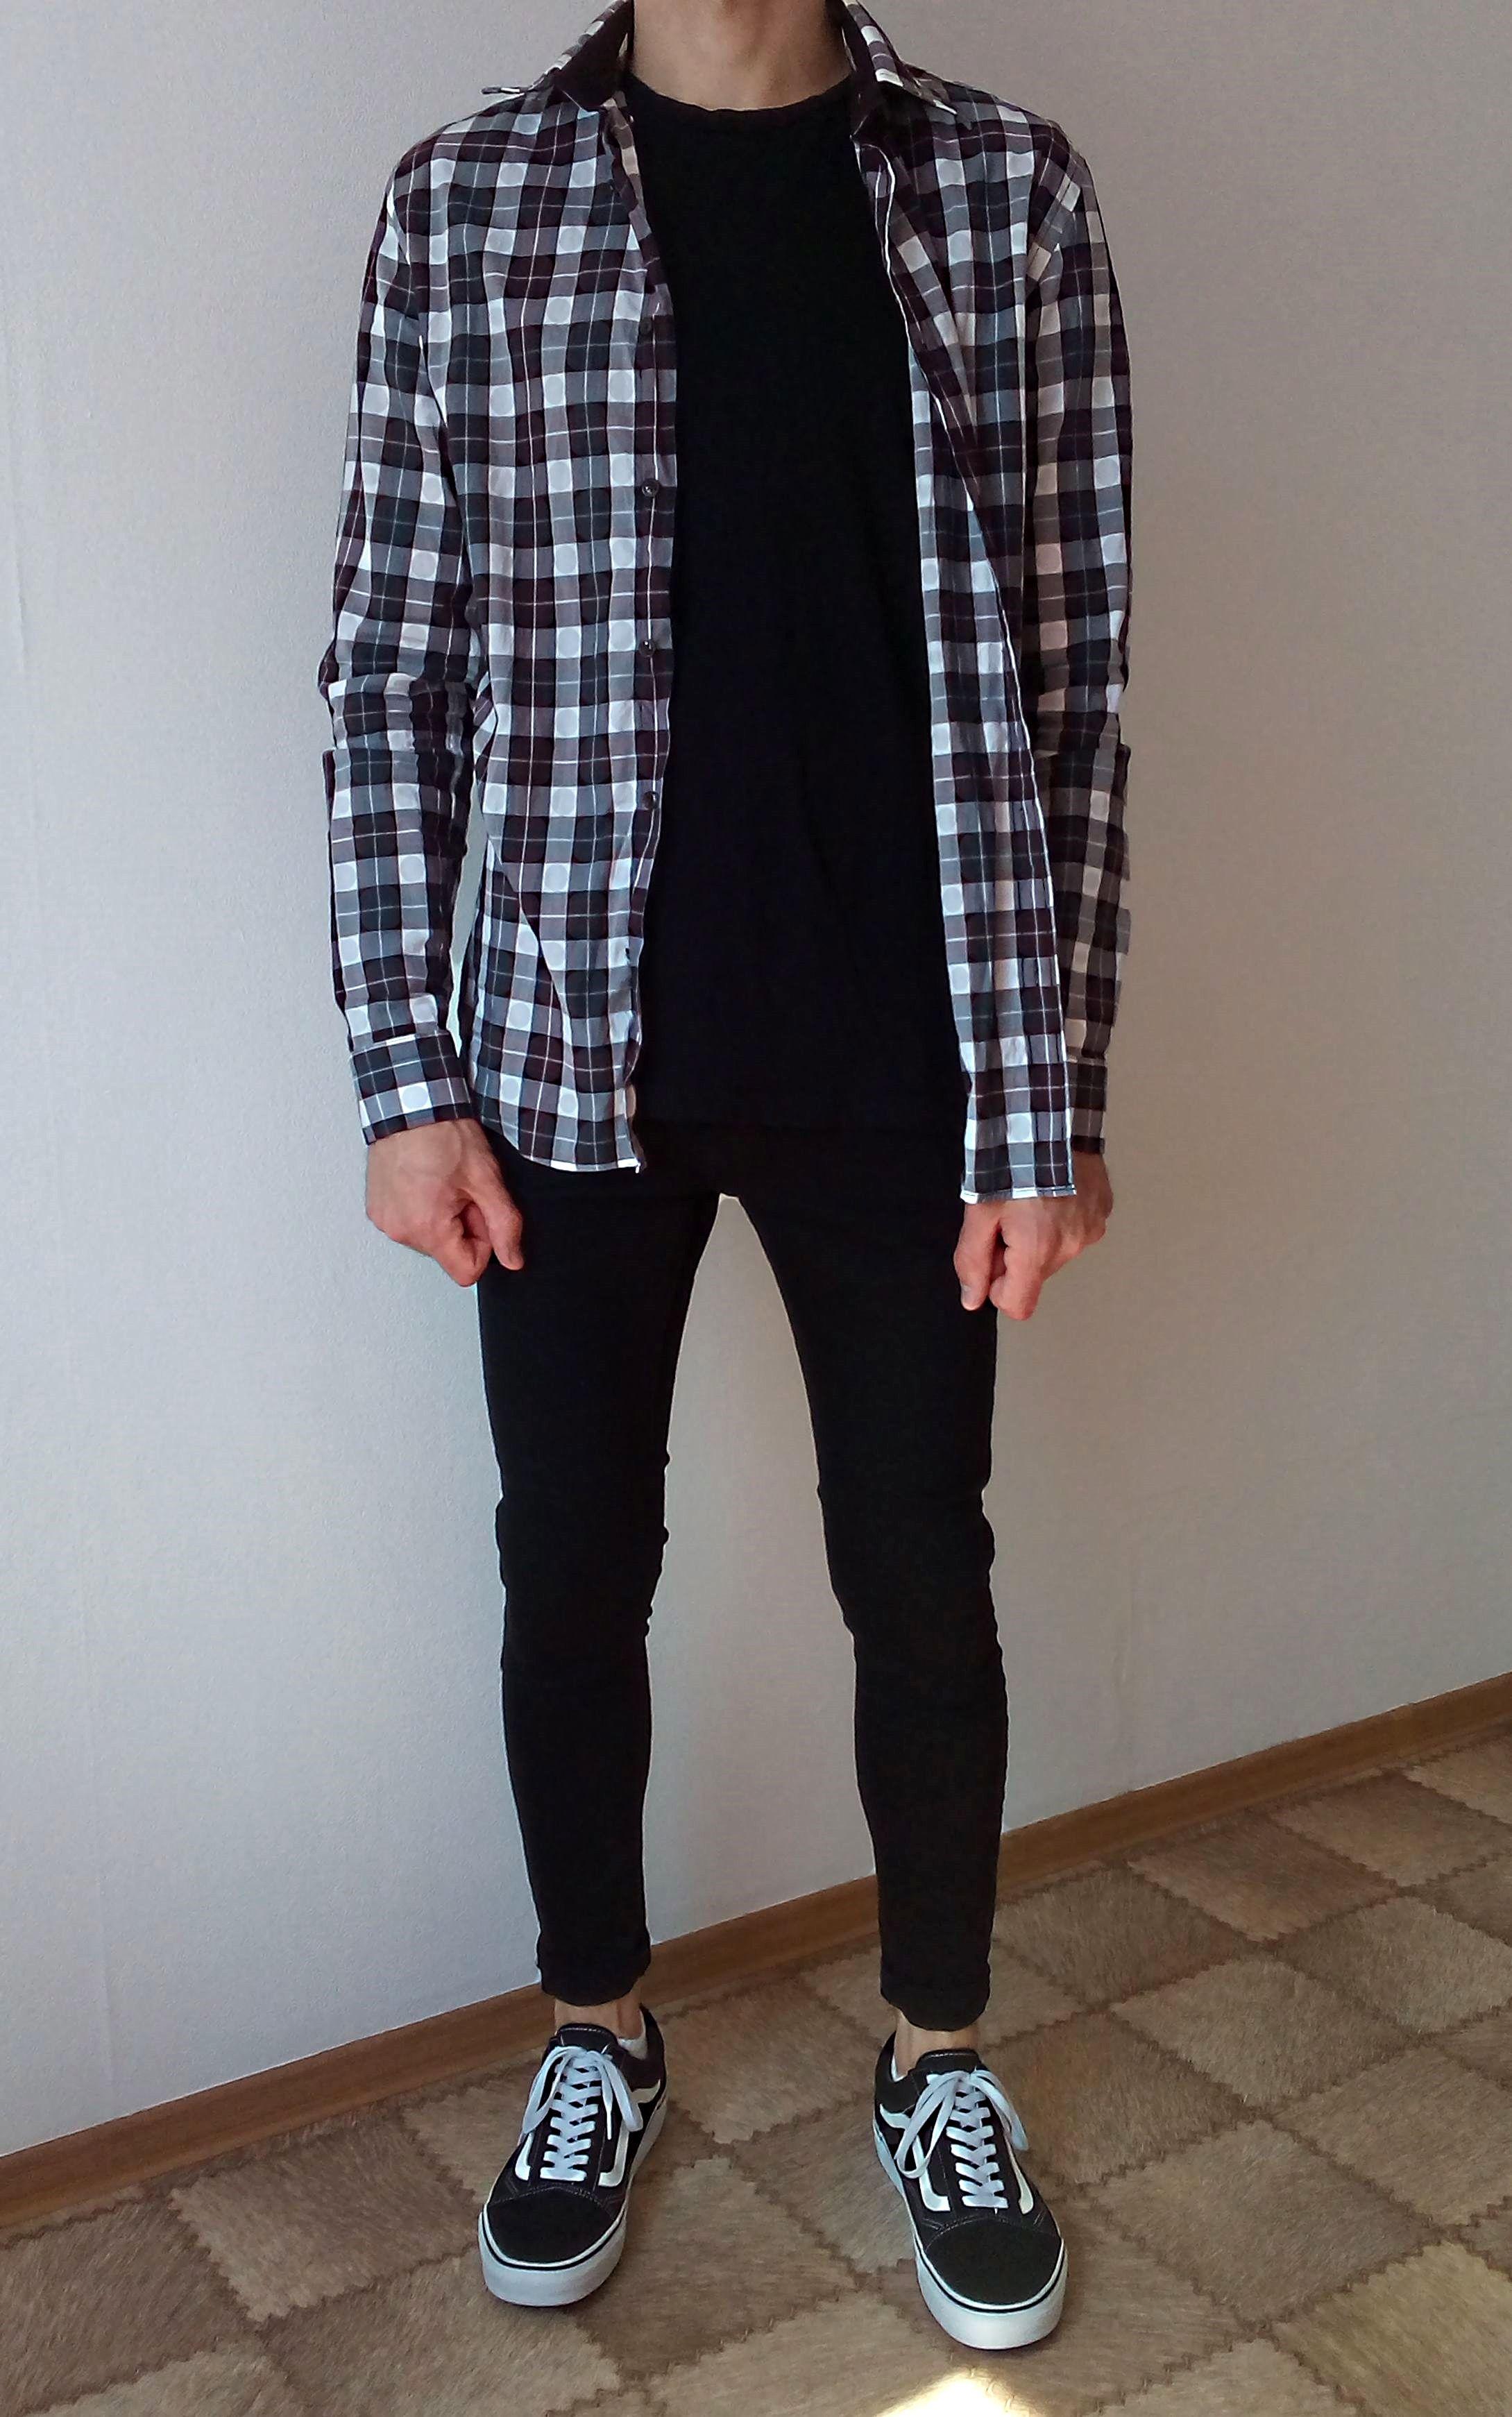 vans old skool black skinny jeans boys